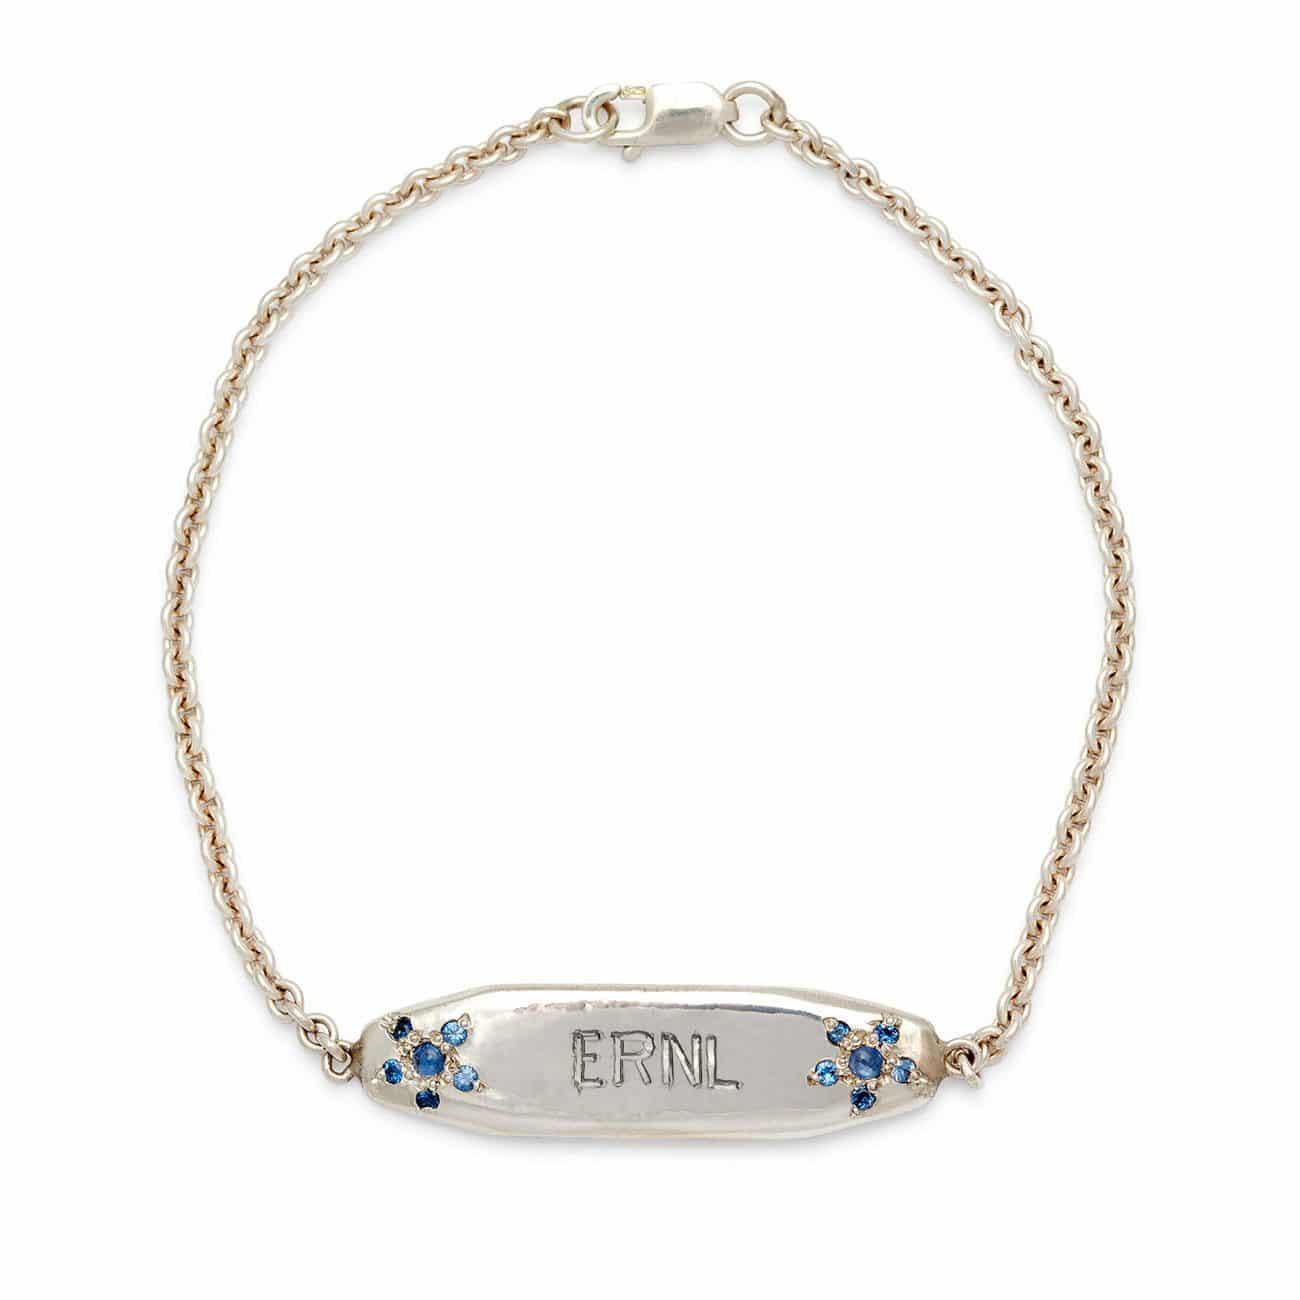 sterling silver ID bracelet 4 letters